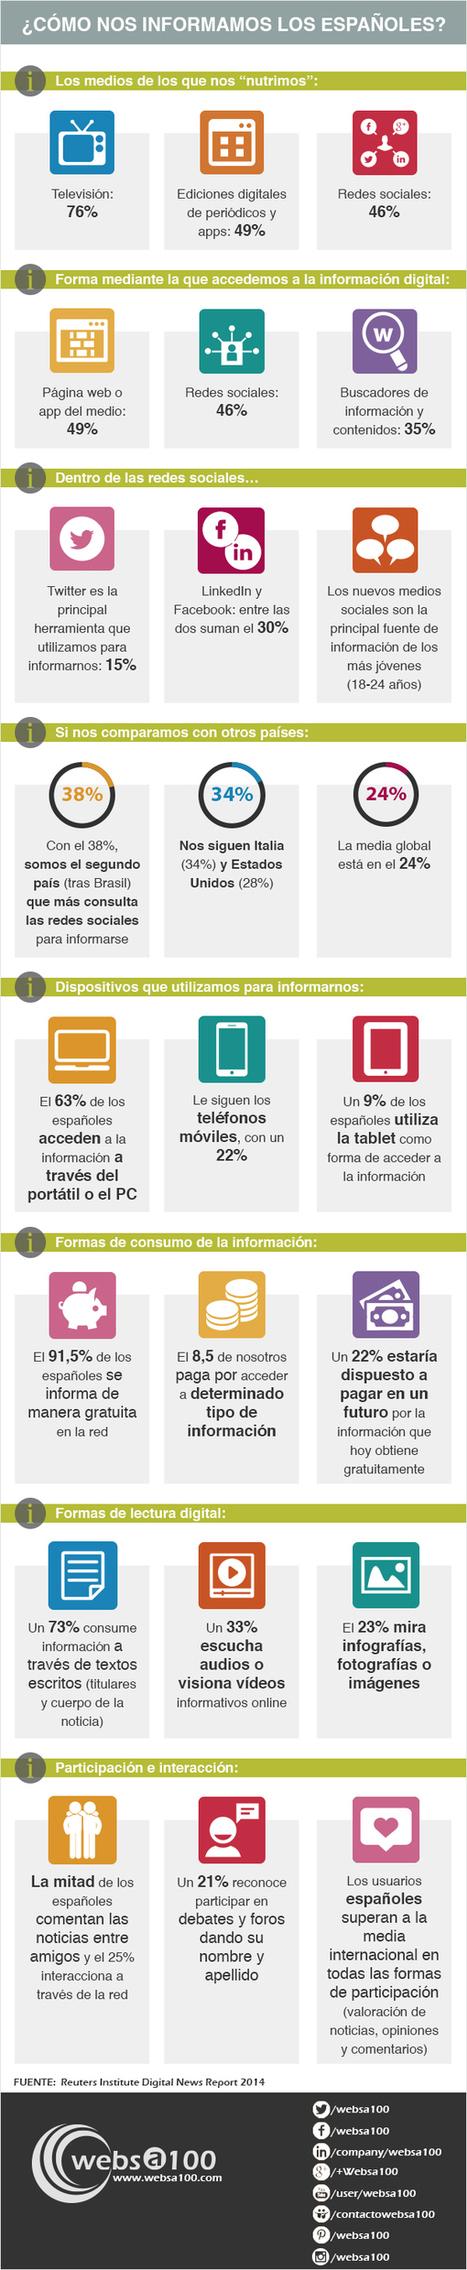 Cómo usamos los #medios digitales en España... | Comunicación inteligente | Scoop.it